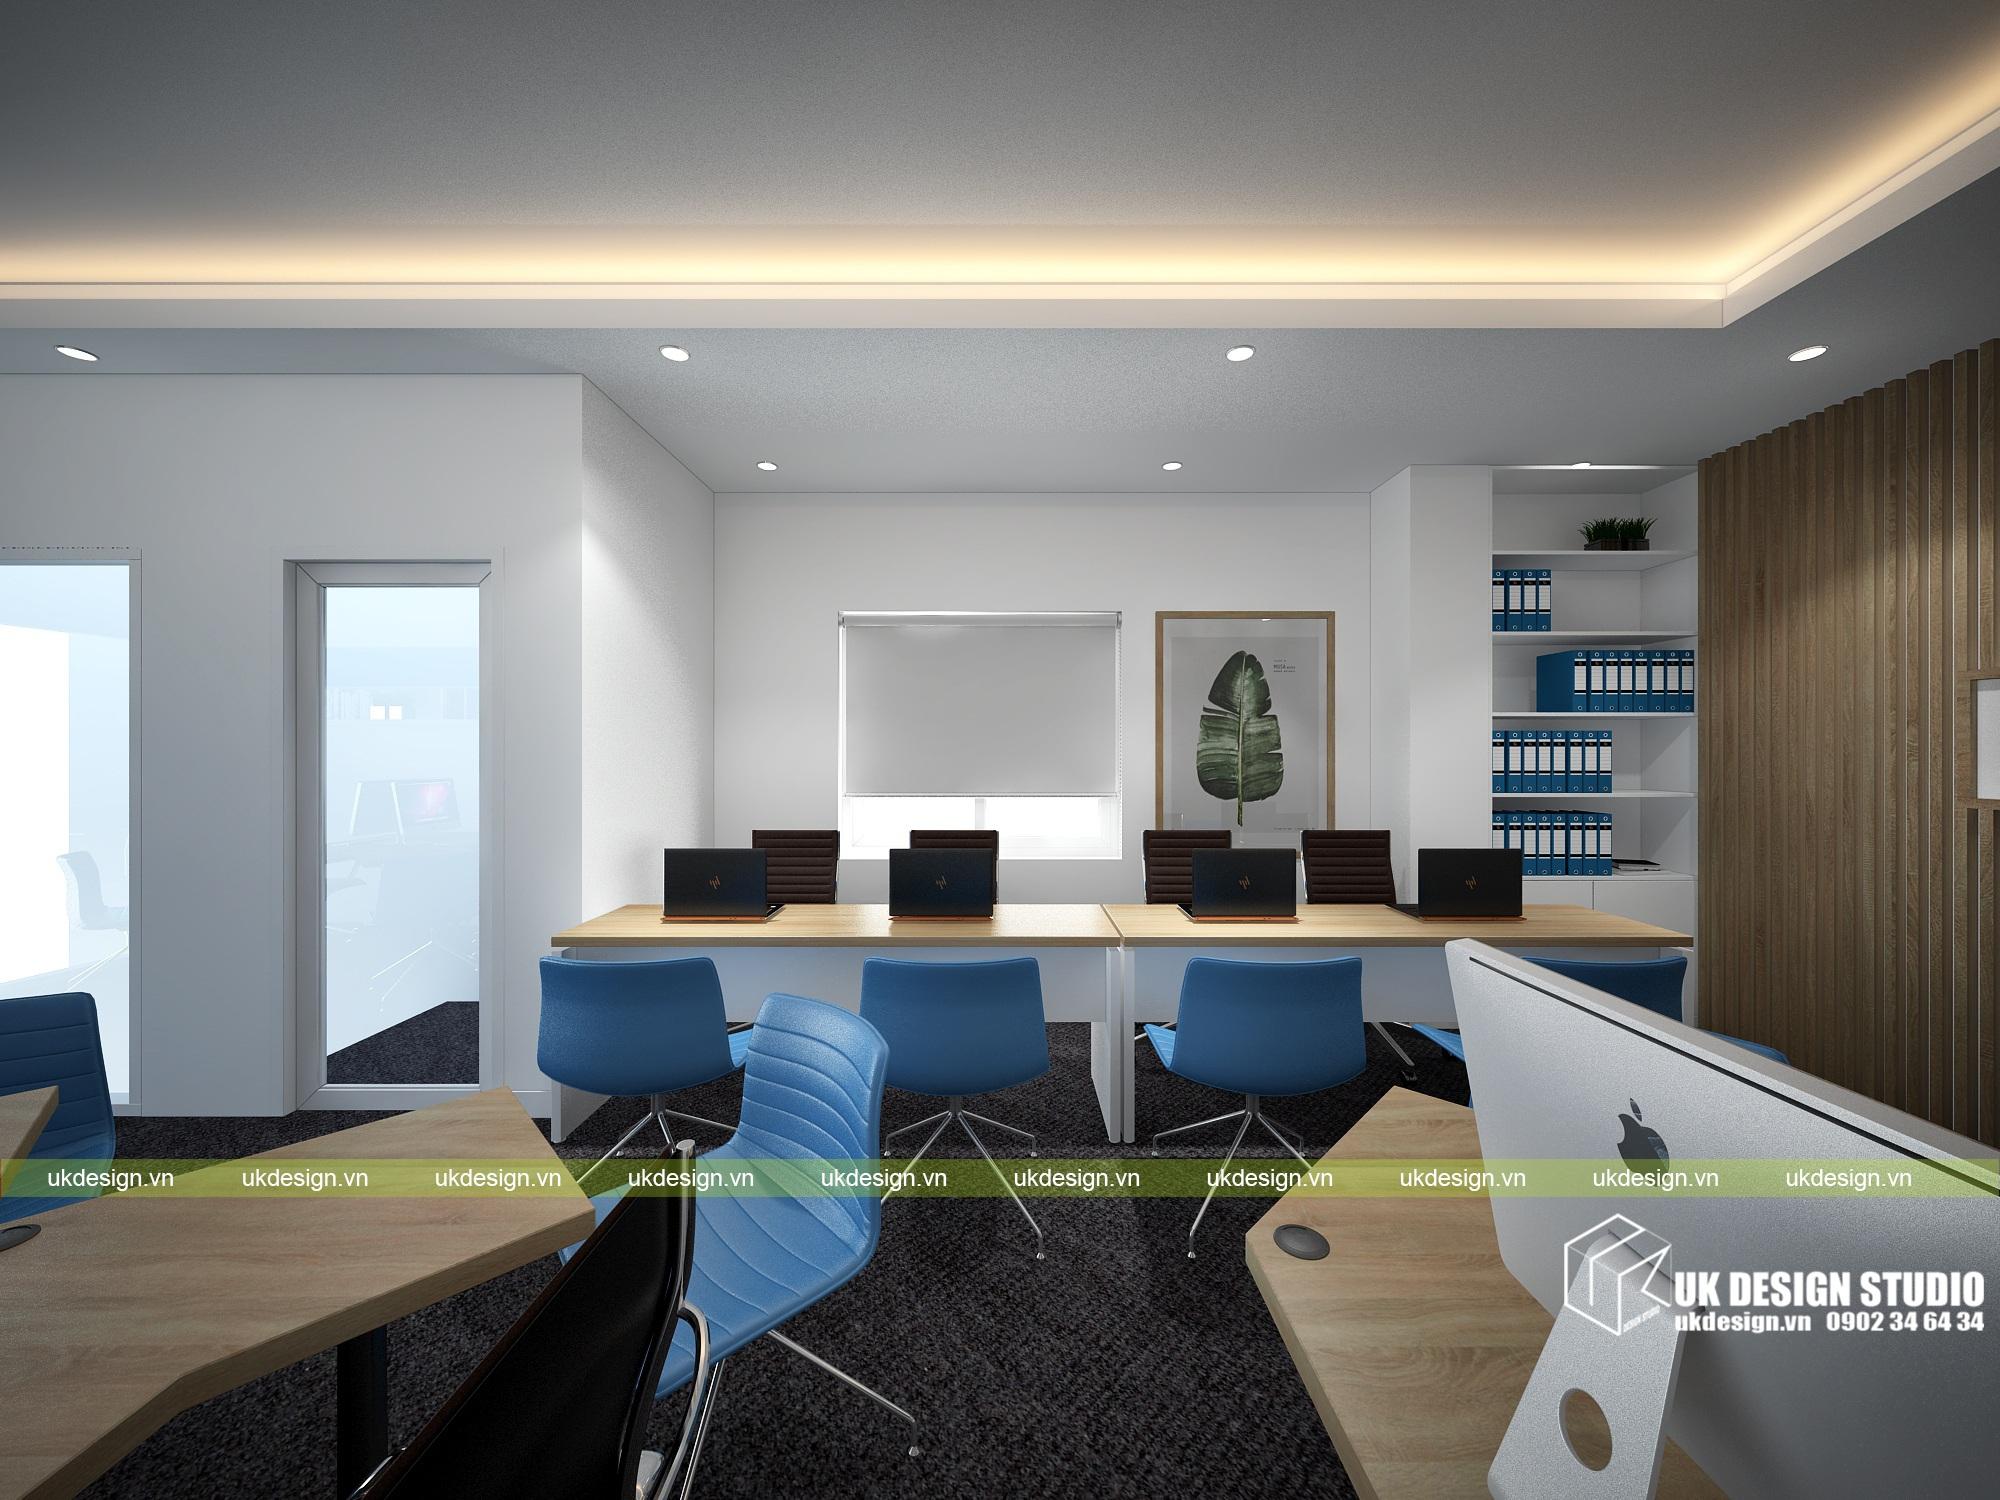 Thiết kế nội thất nhà phố hiện đại kết hợp văn phòng kinh doanh - 17